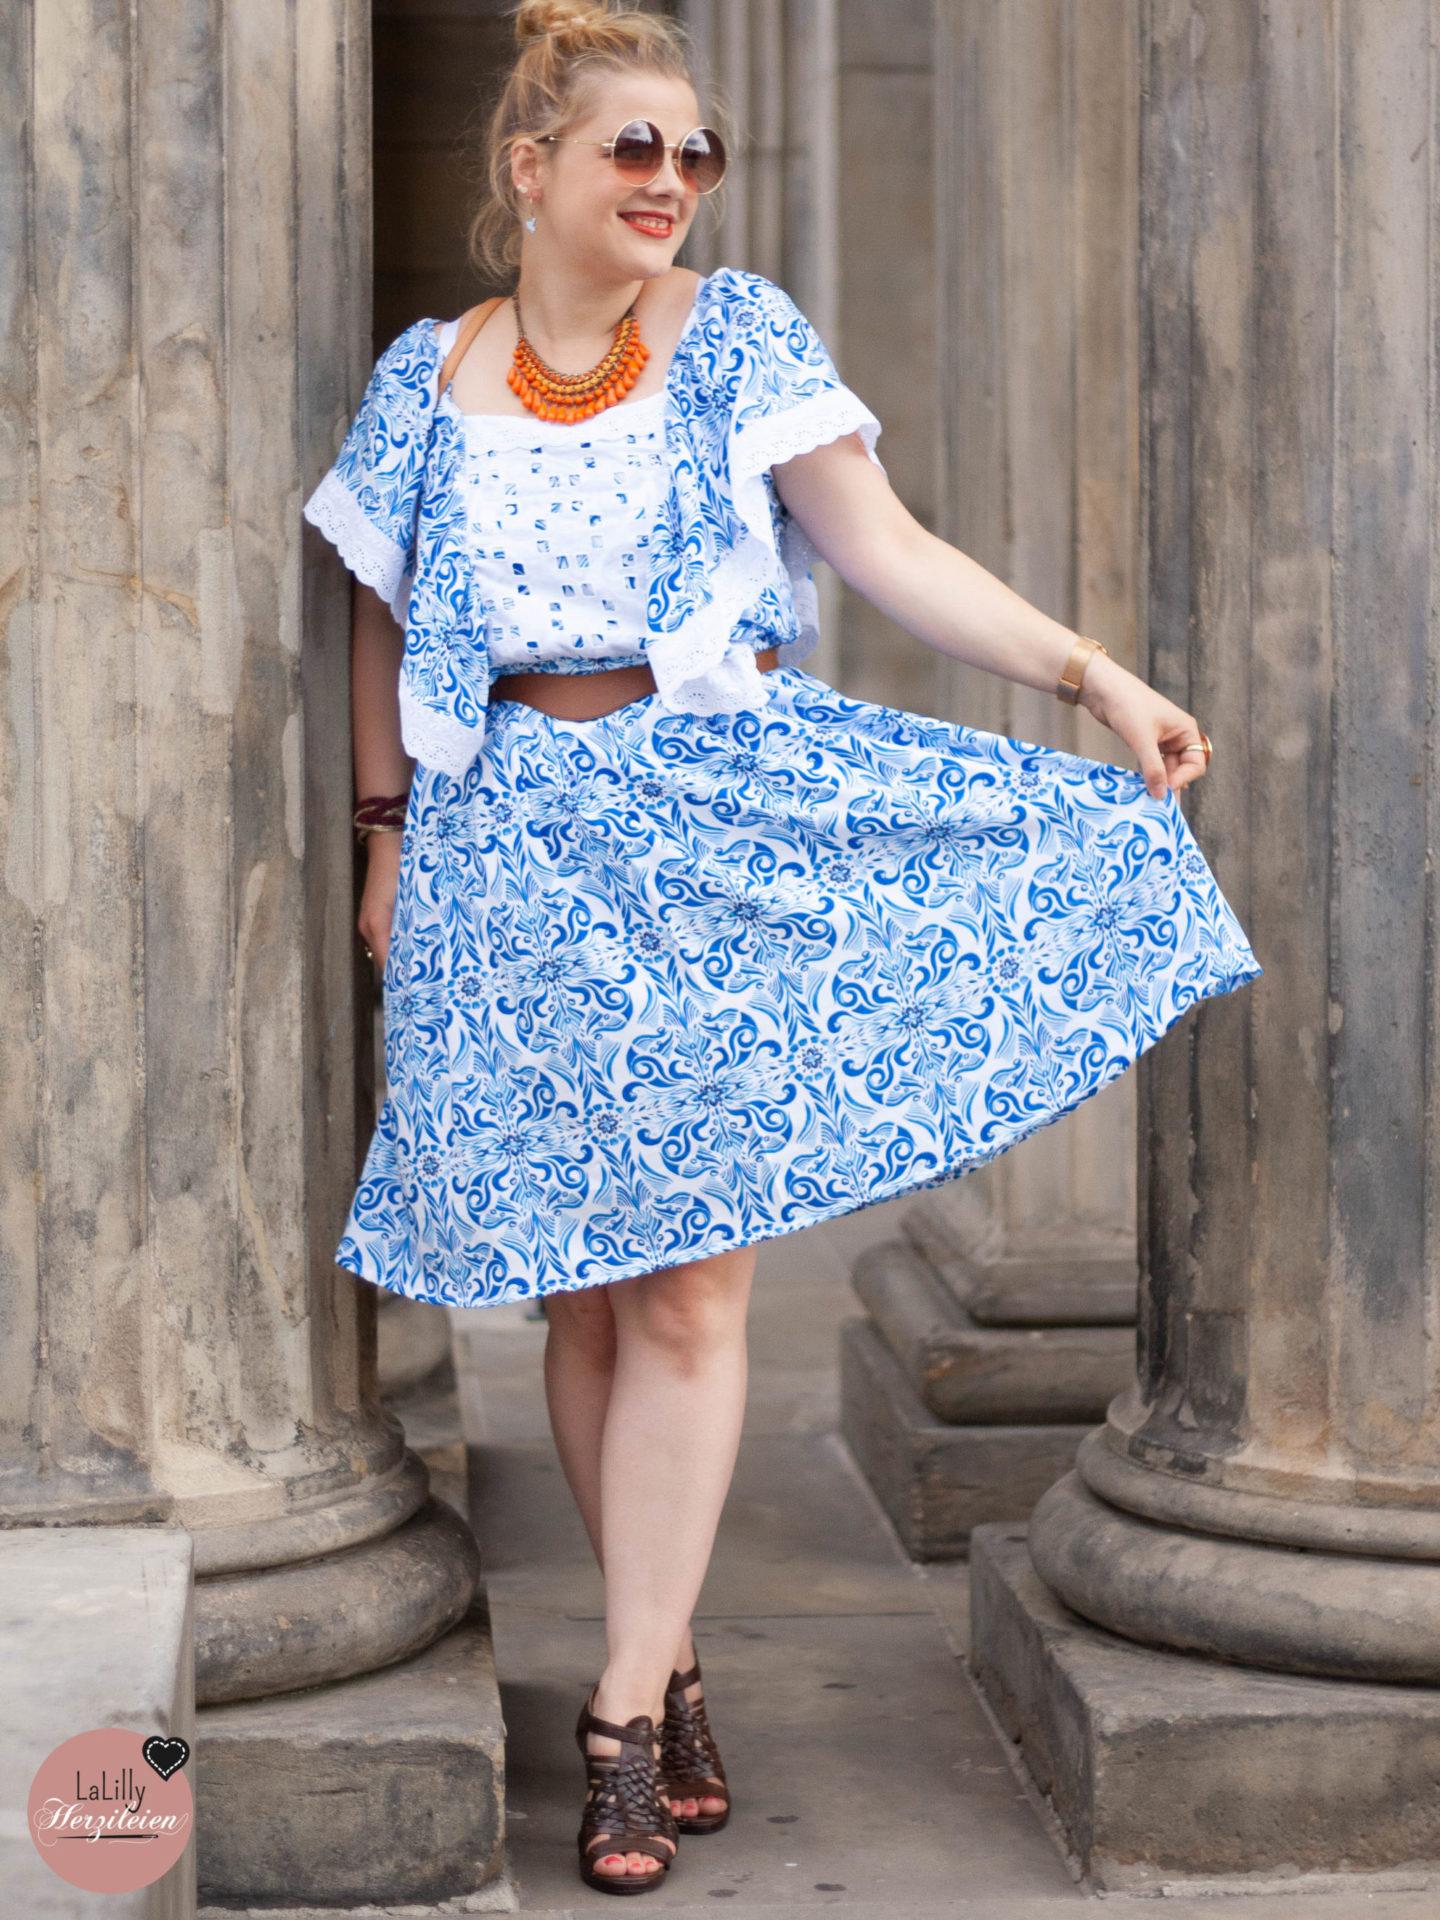 Ein Porzellanmuster- Kleid nähen, im Hippie Style, das ist eine Idee, die mir schon zu Anfang des Sommers kam und die ich nun endlich umgesetzt habe. Hiboho aus Watercolour Viskose